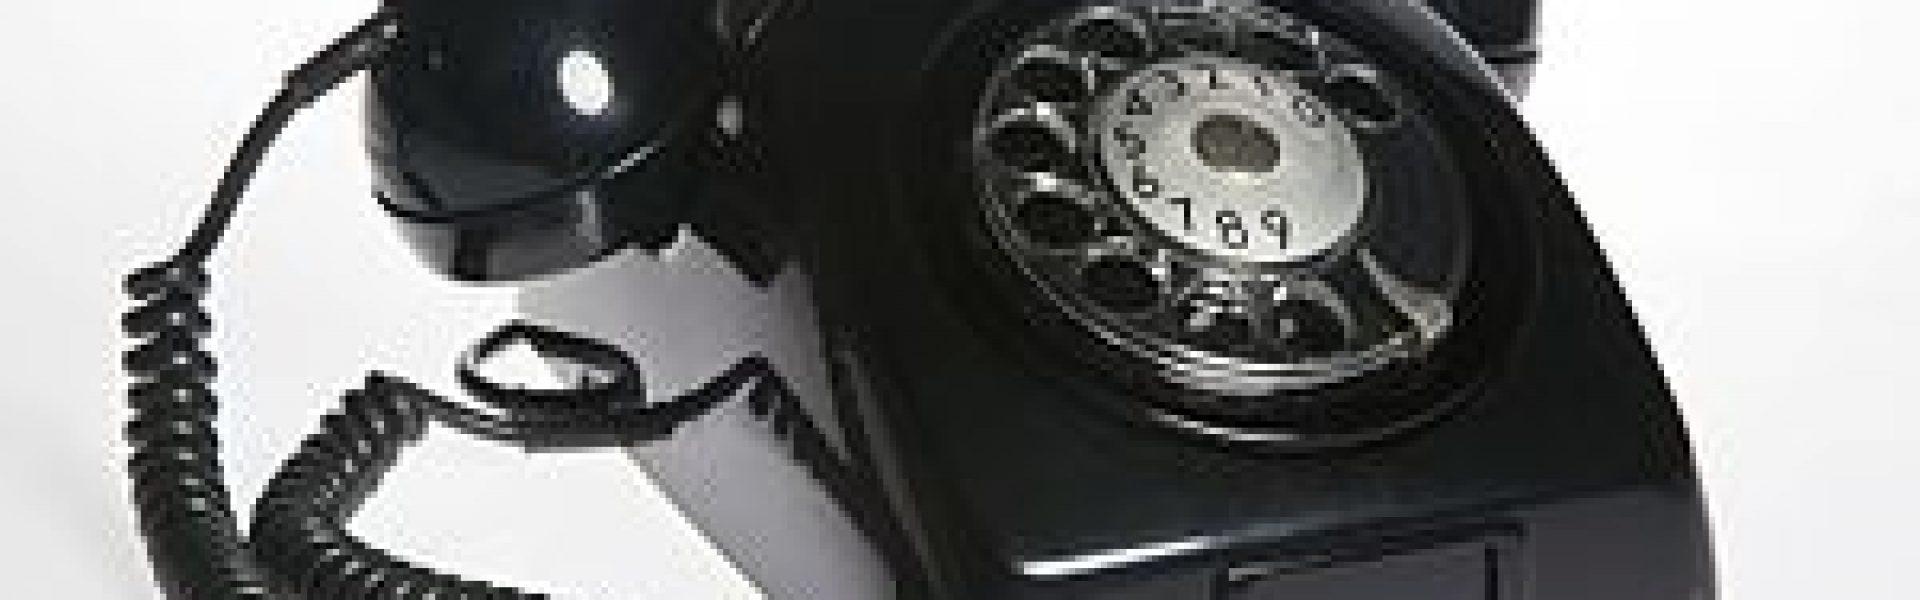 Ericsson Dialog 006 01